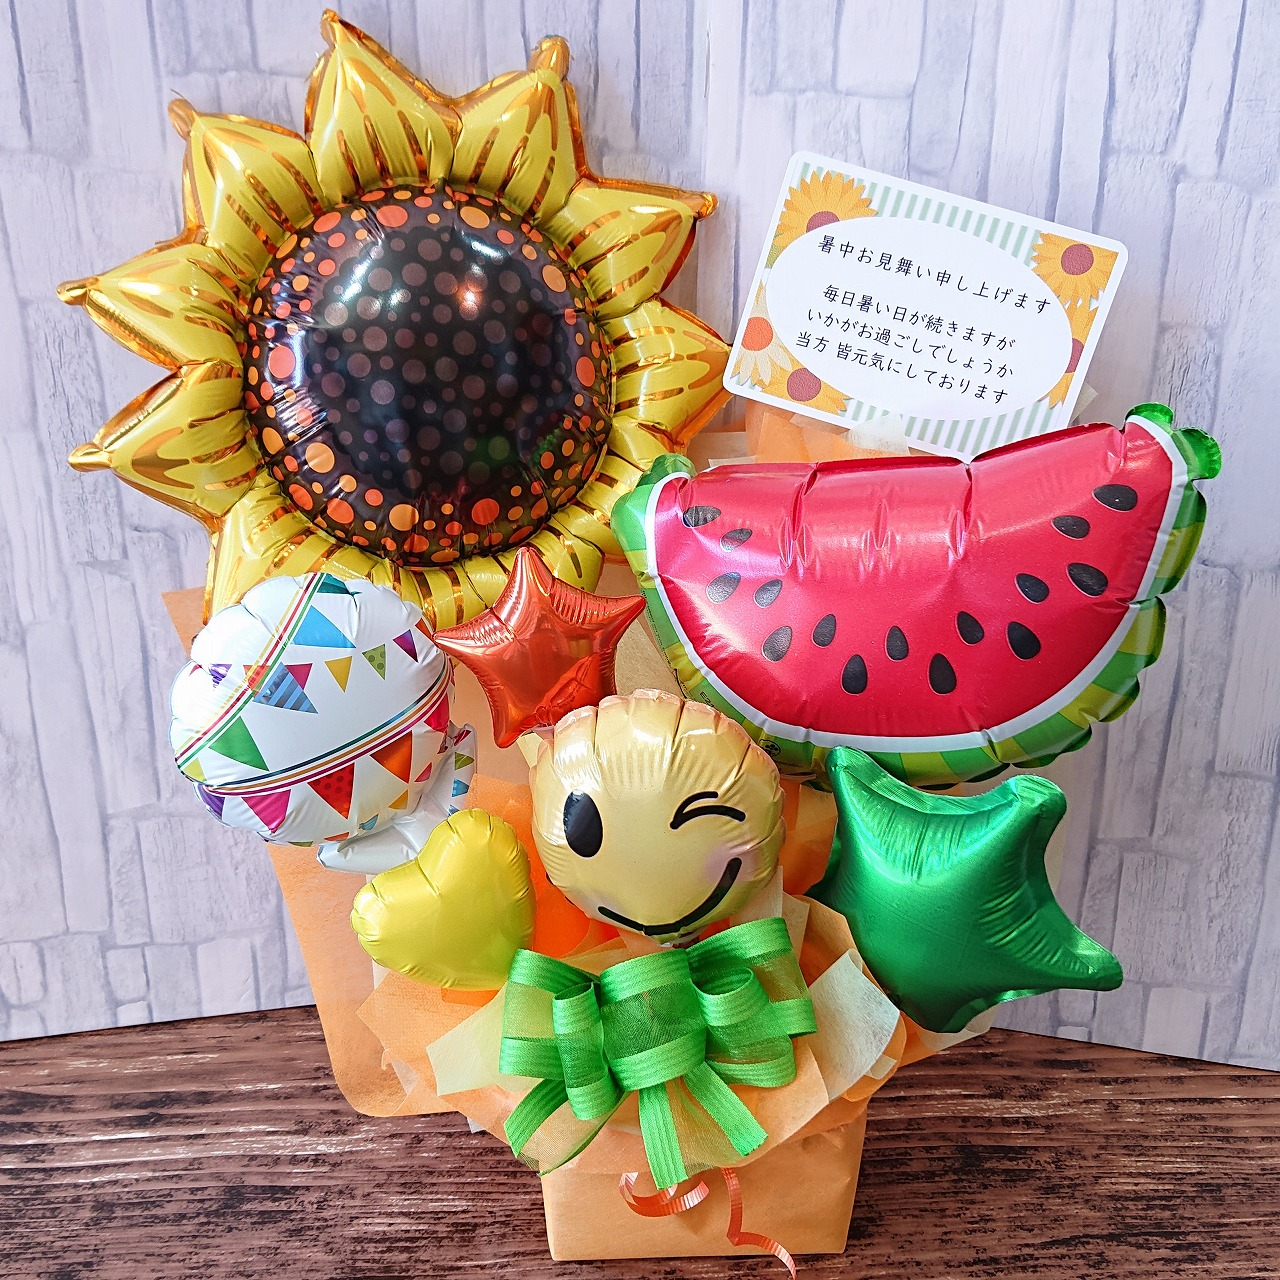 ひまわりバルーンプレゼント  お中元、誕生日、開店祝い、周年祝いなどに人気です   sm02101